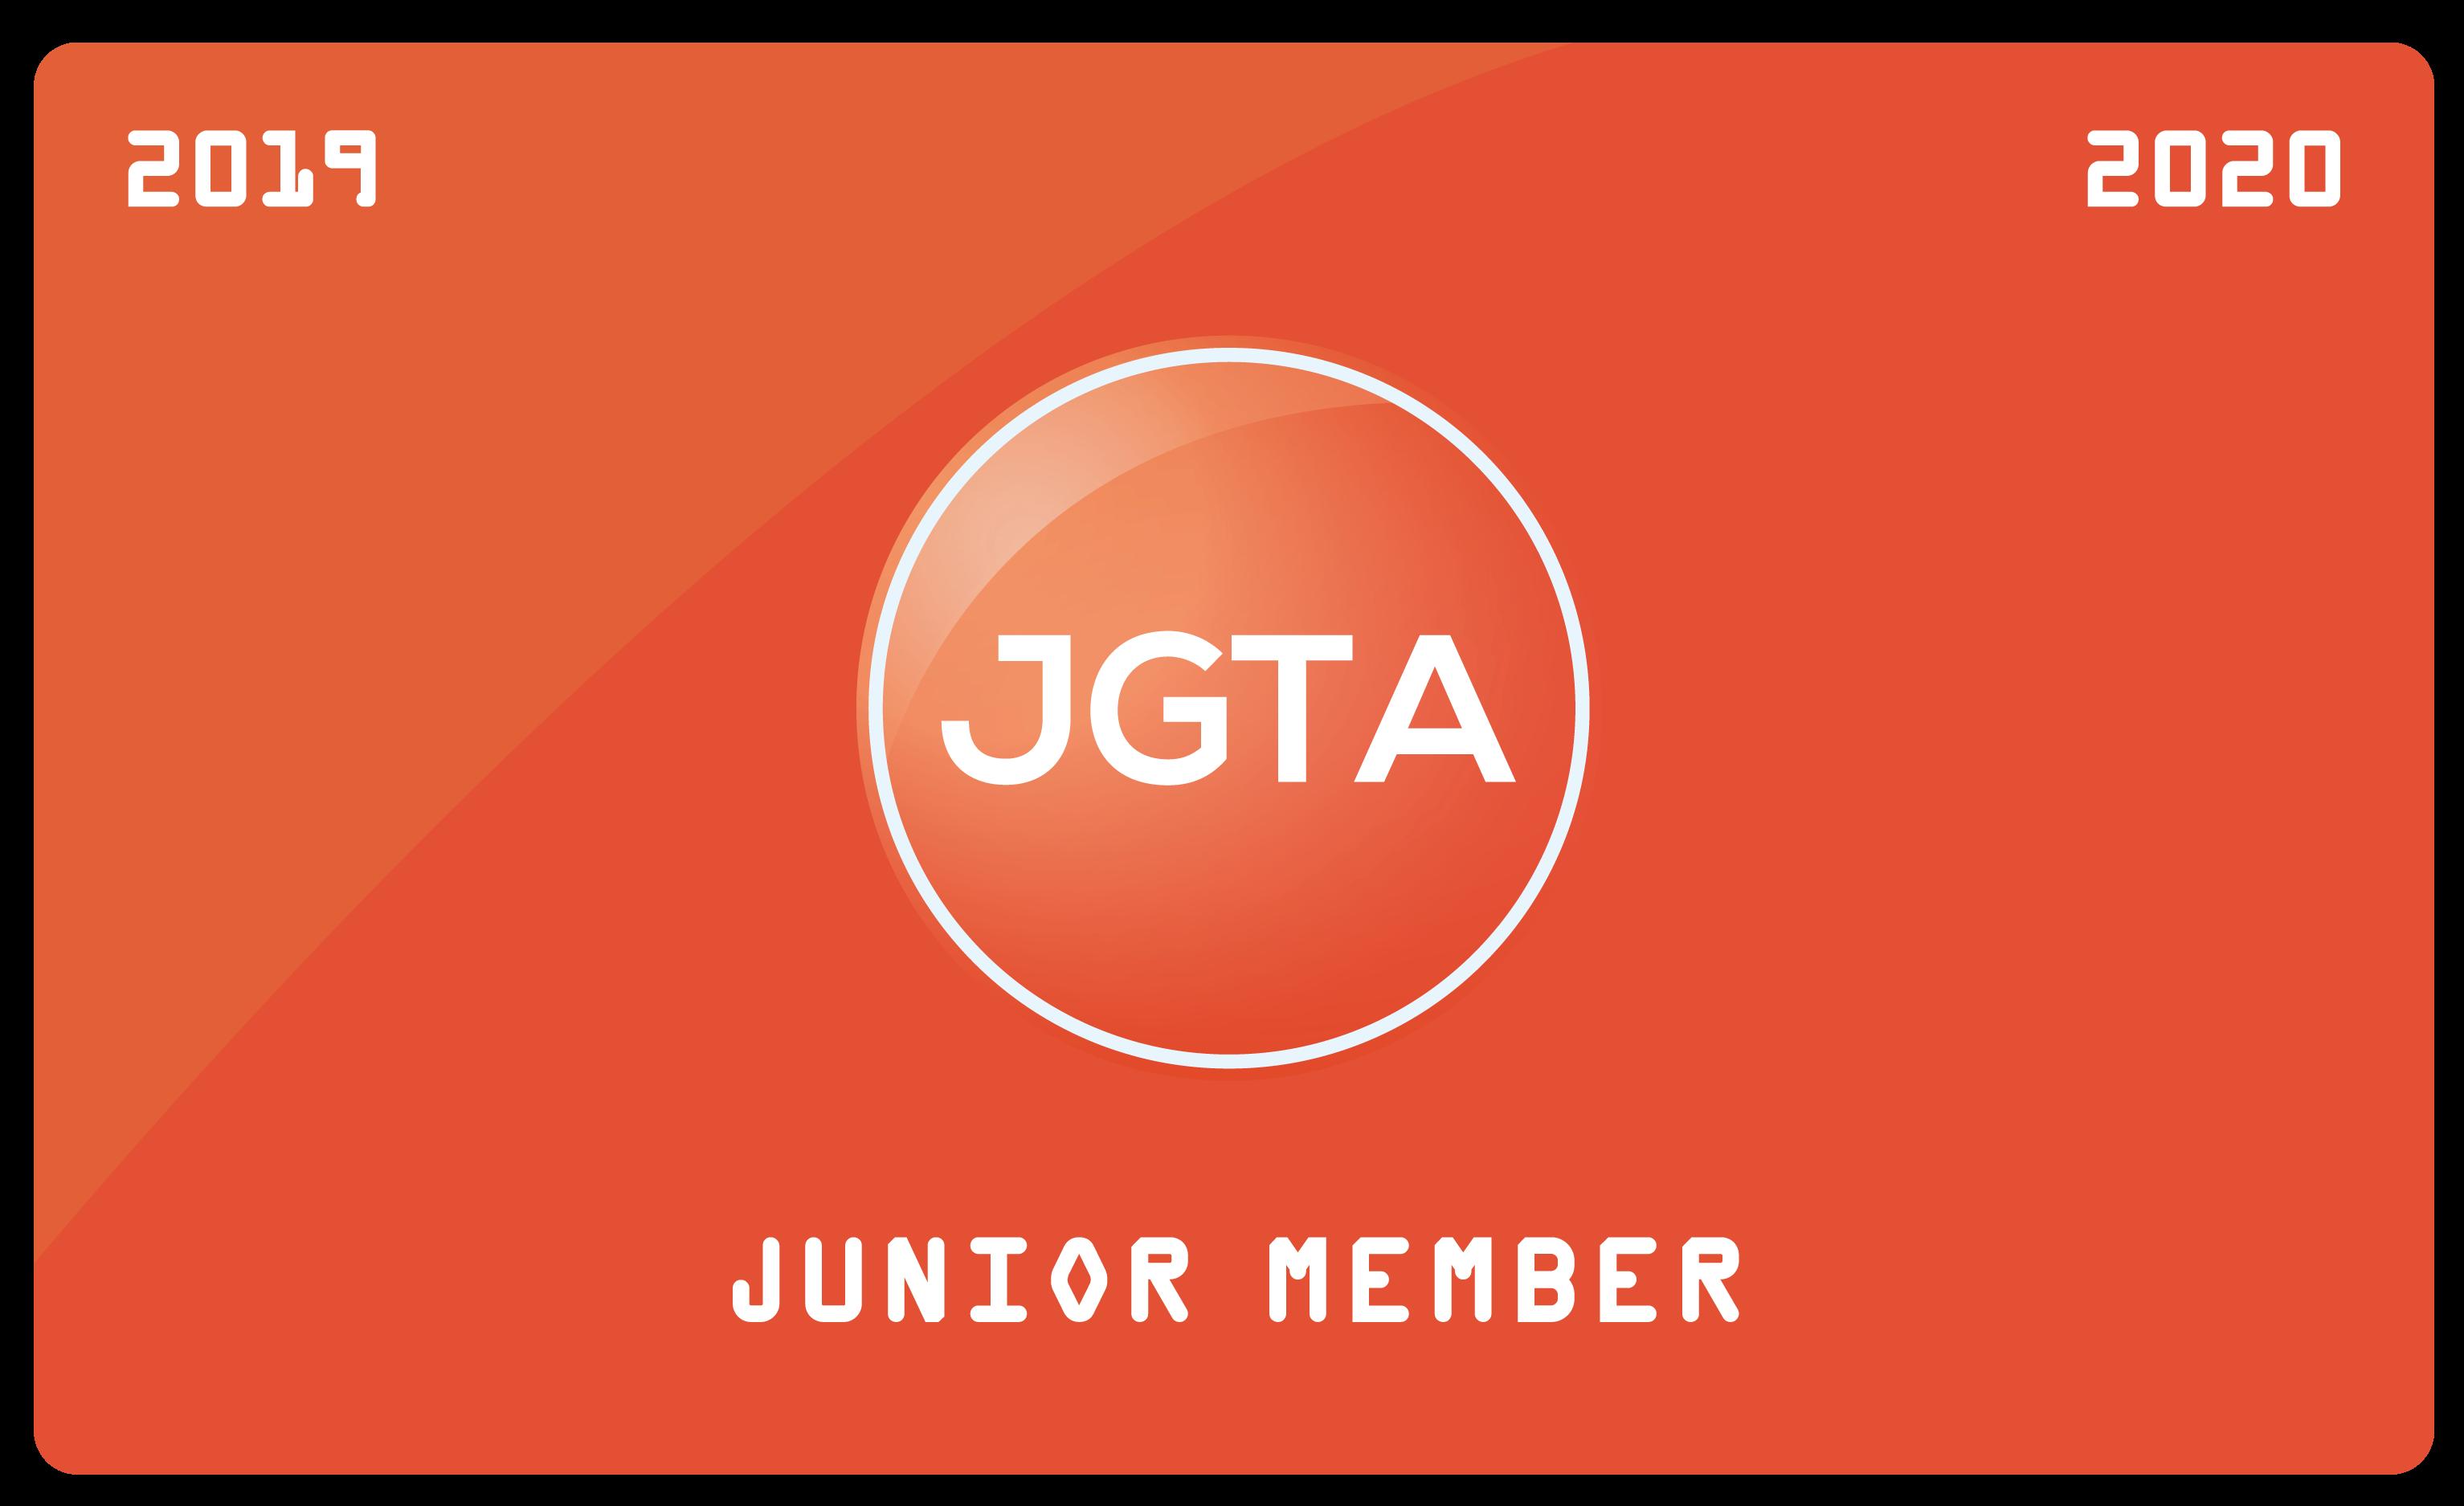 JGTA Tour Card